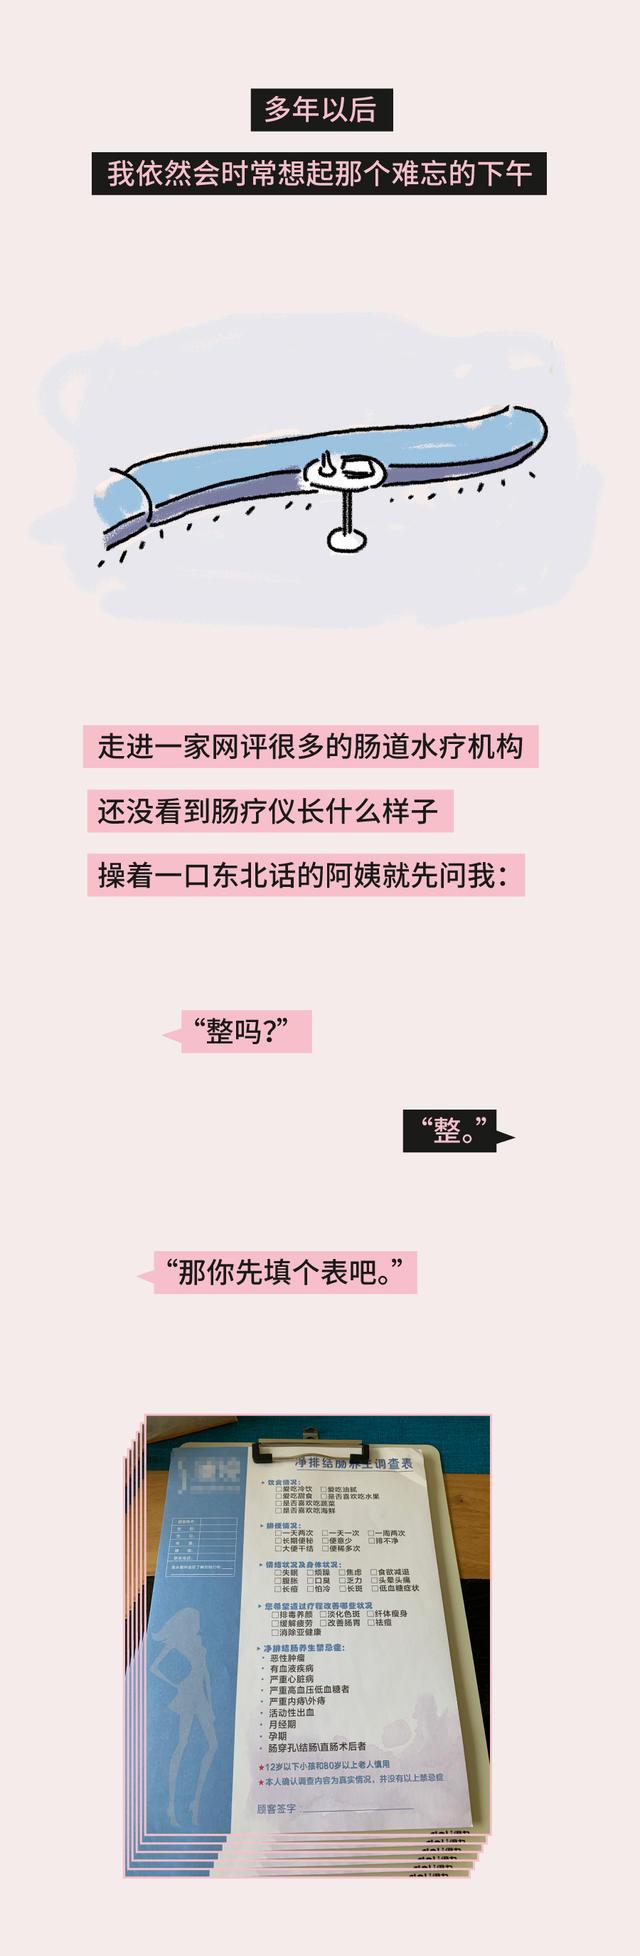 灌肠漫画3(2).jpg